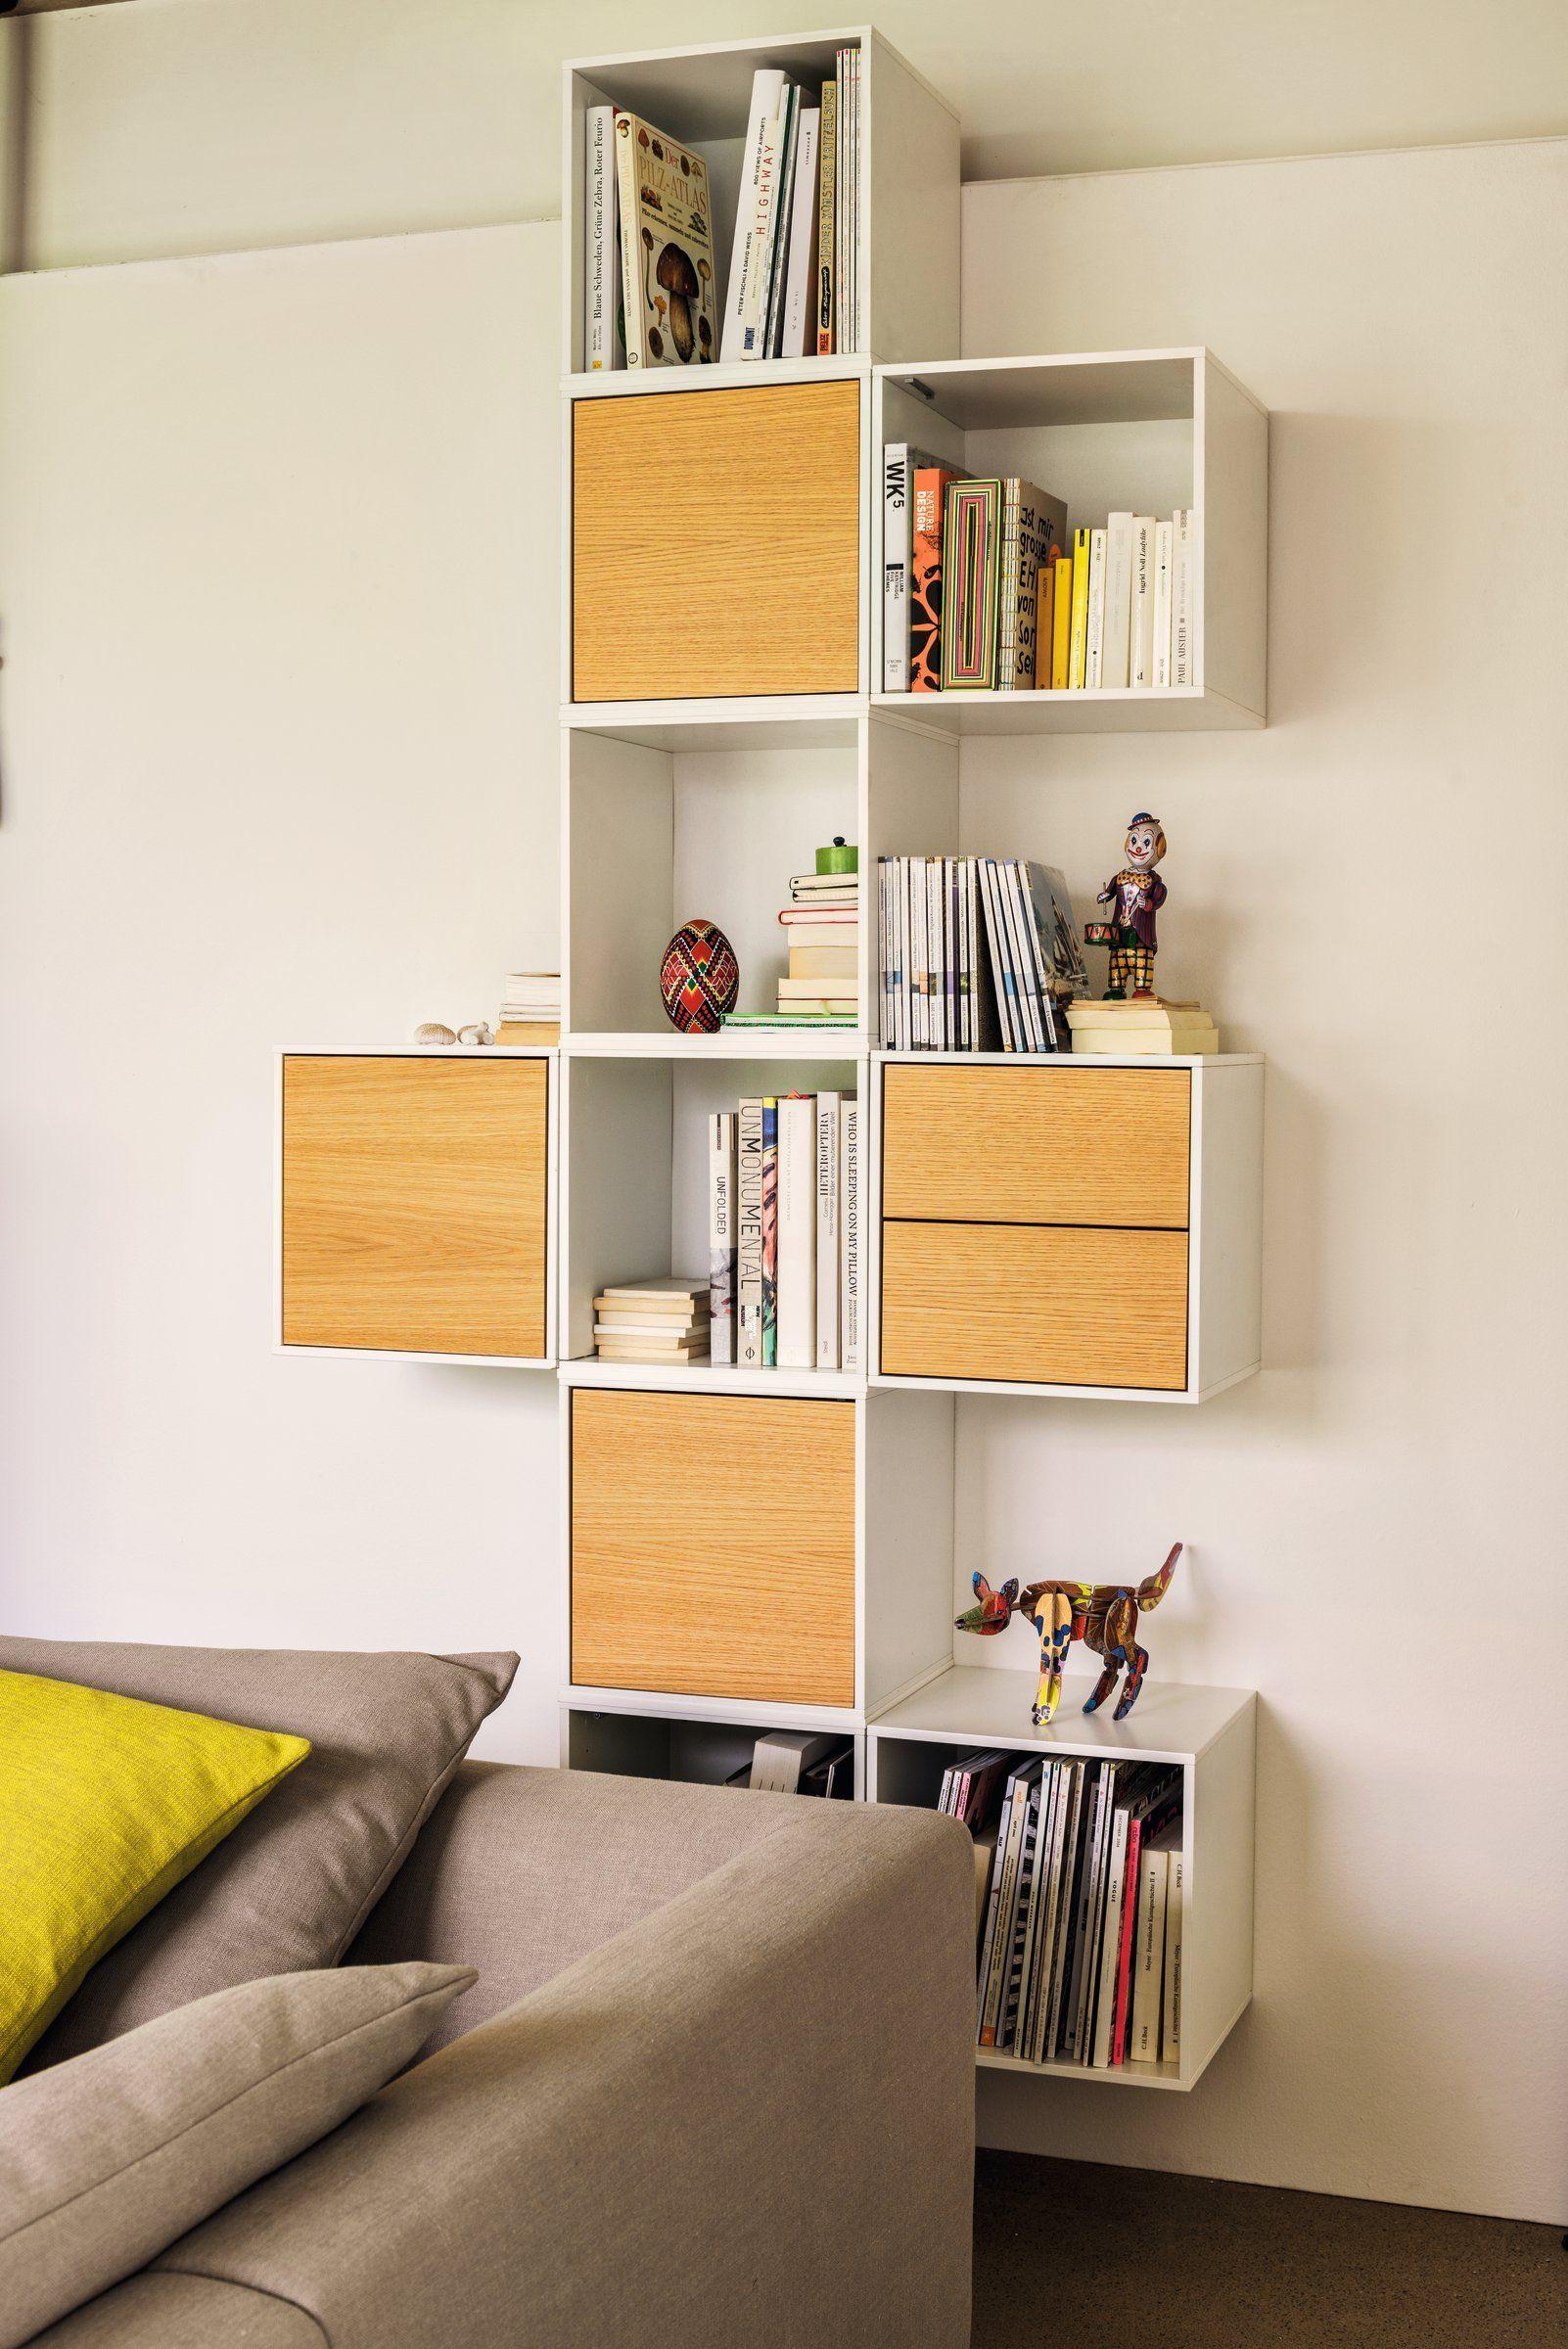 Kchenbar ikea exclusives with kchenbar ikea wohnzimmerz for Wohnung einrichten software